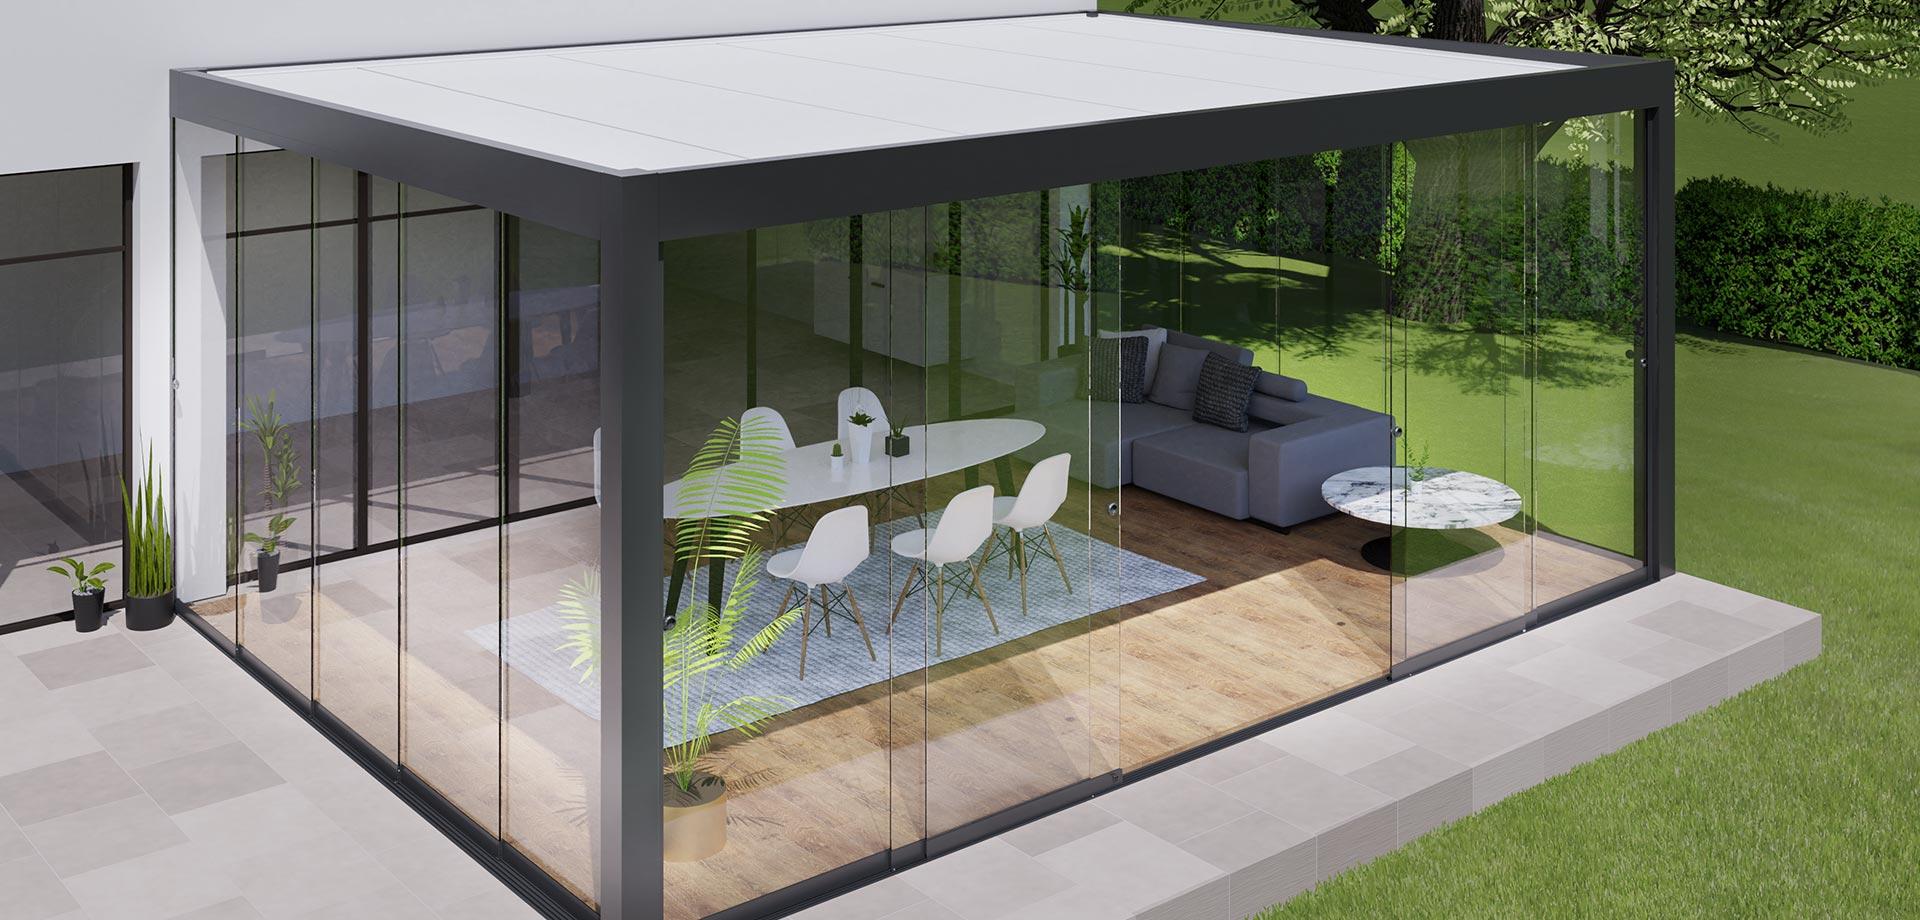 La Pergola Pour Terrasse Un Abri Ideal Pour Votre Exterieur